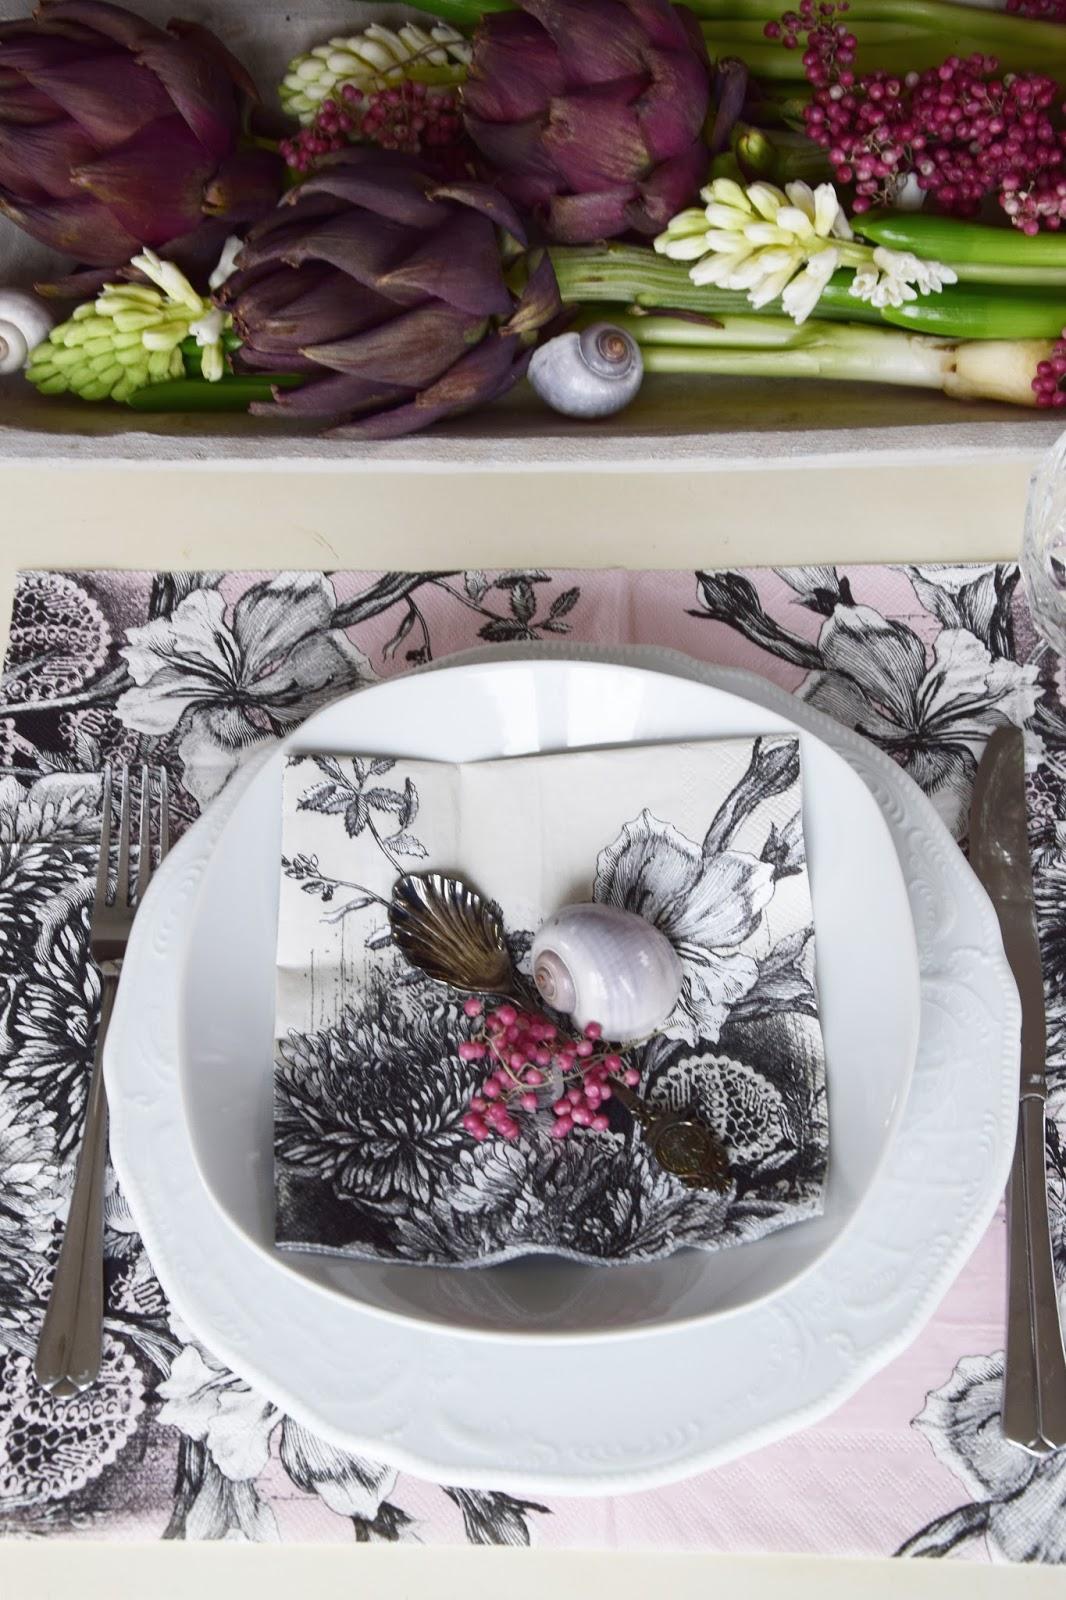 Natürliche Tischdeko mit Moos, Pfefferbeeren, Servietten. Rosa, Pink, Romantisch dekorieren. Deko für den Tisch. Artischocken Hyazinthen